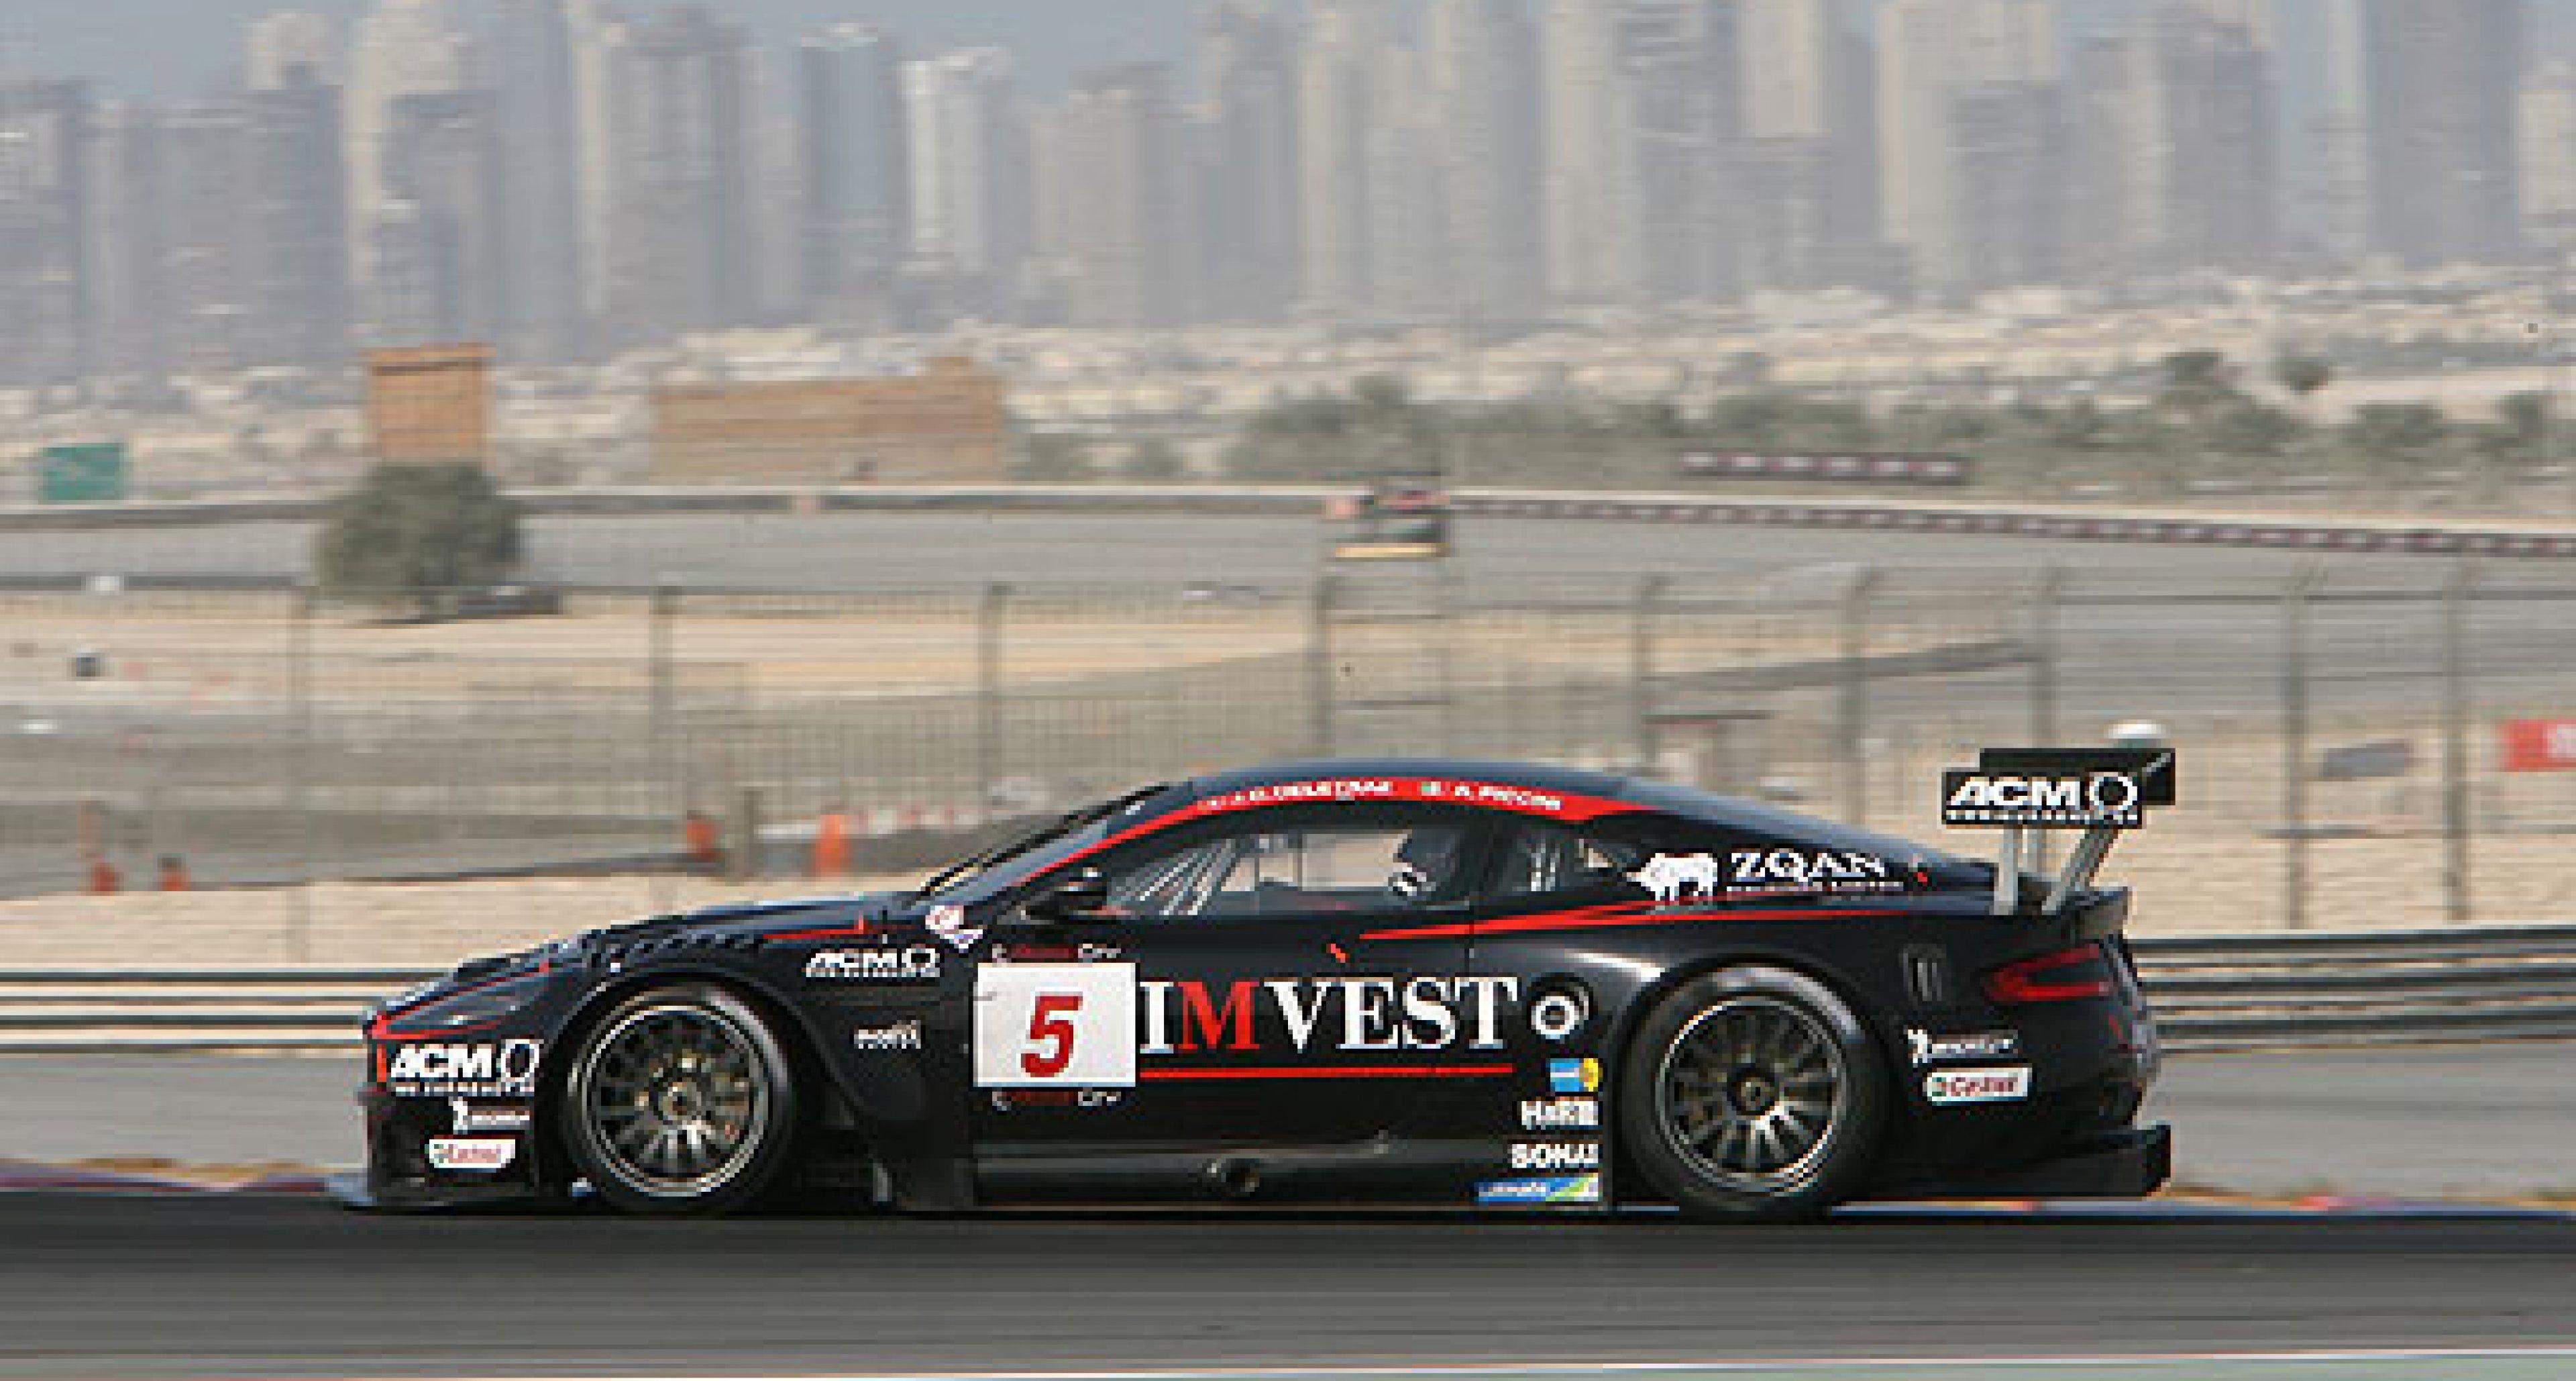 FIA GT at Dubai